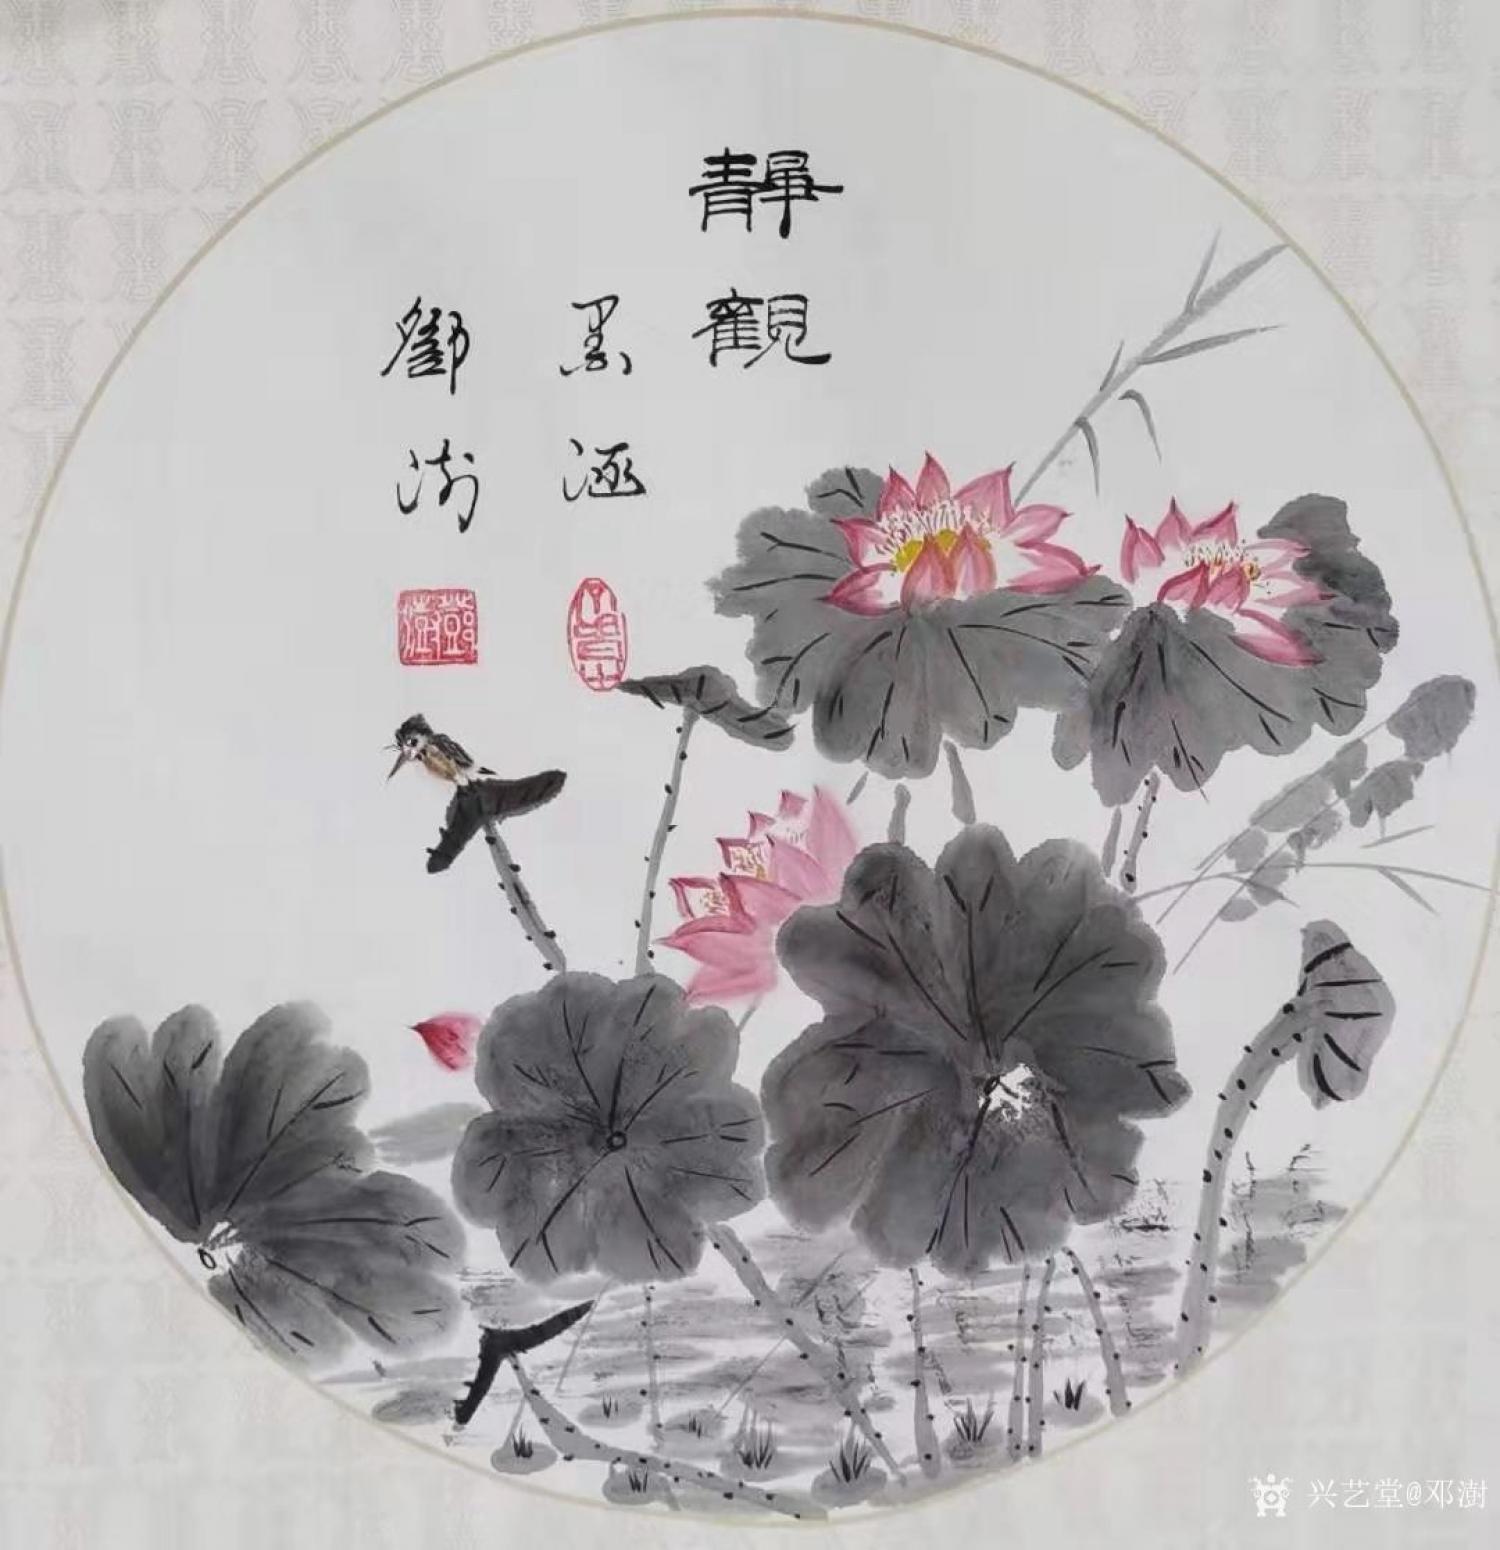 邓澍国画作品《花鸟荷花-静观》